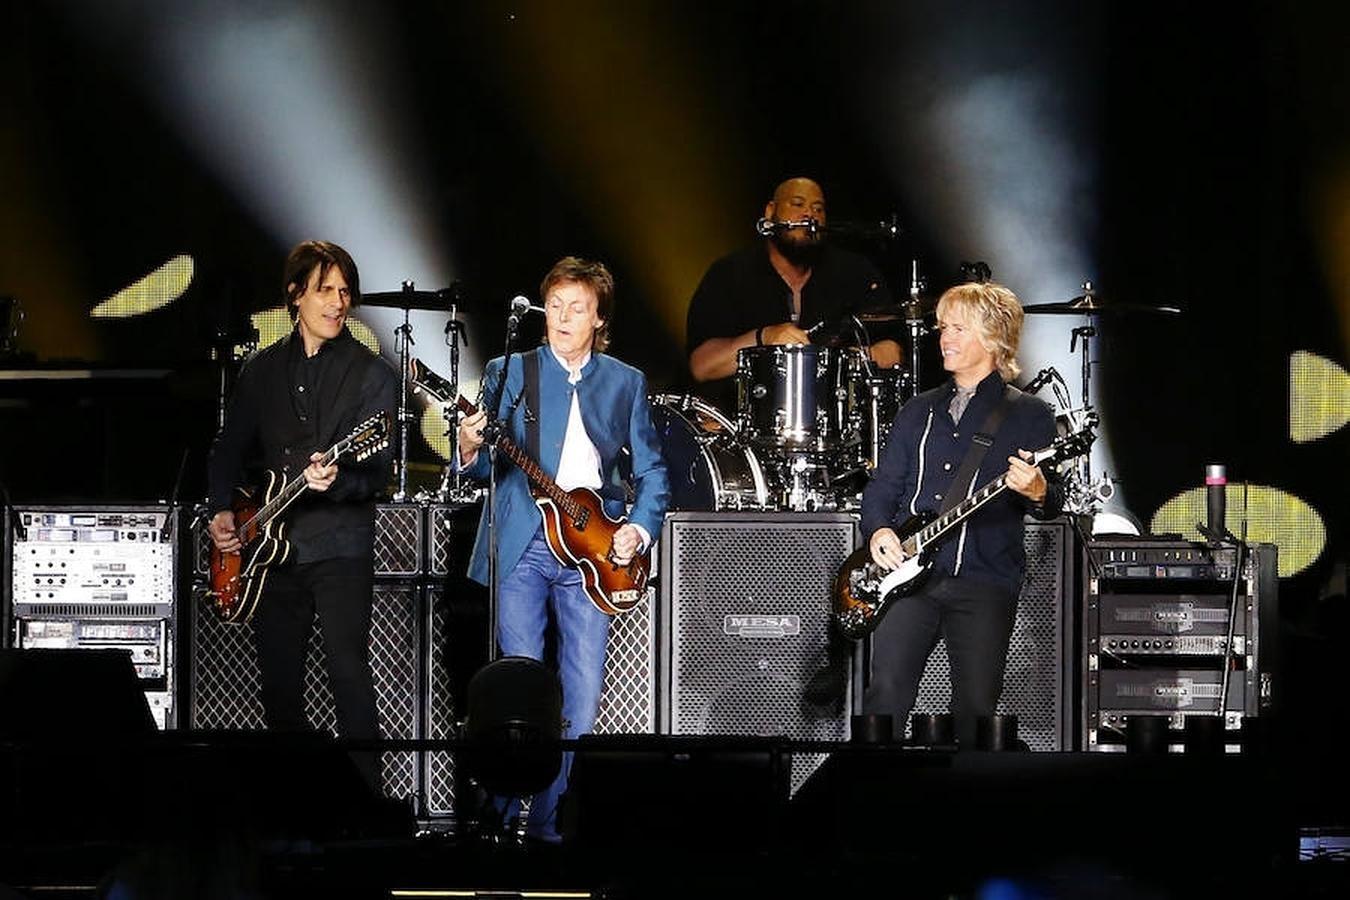 Un instante del concierto en Madrid